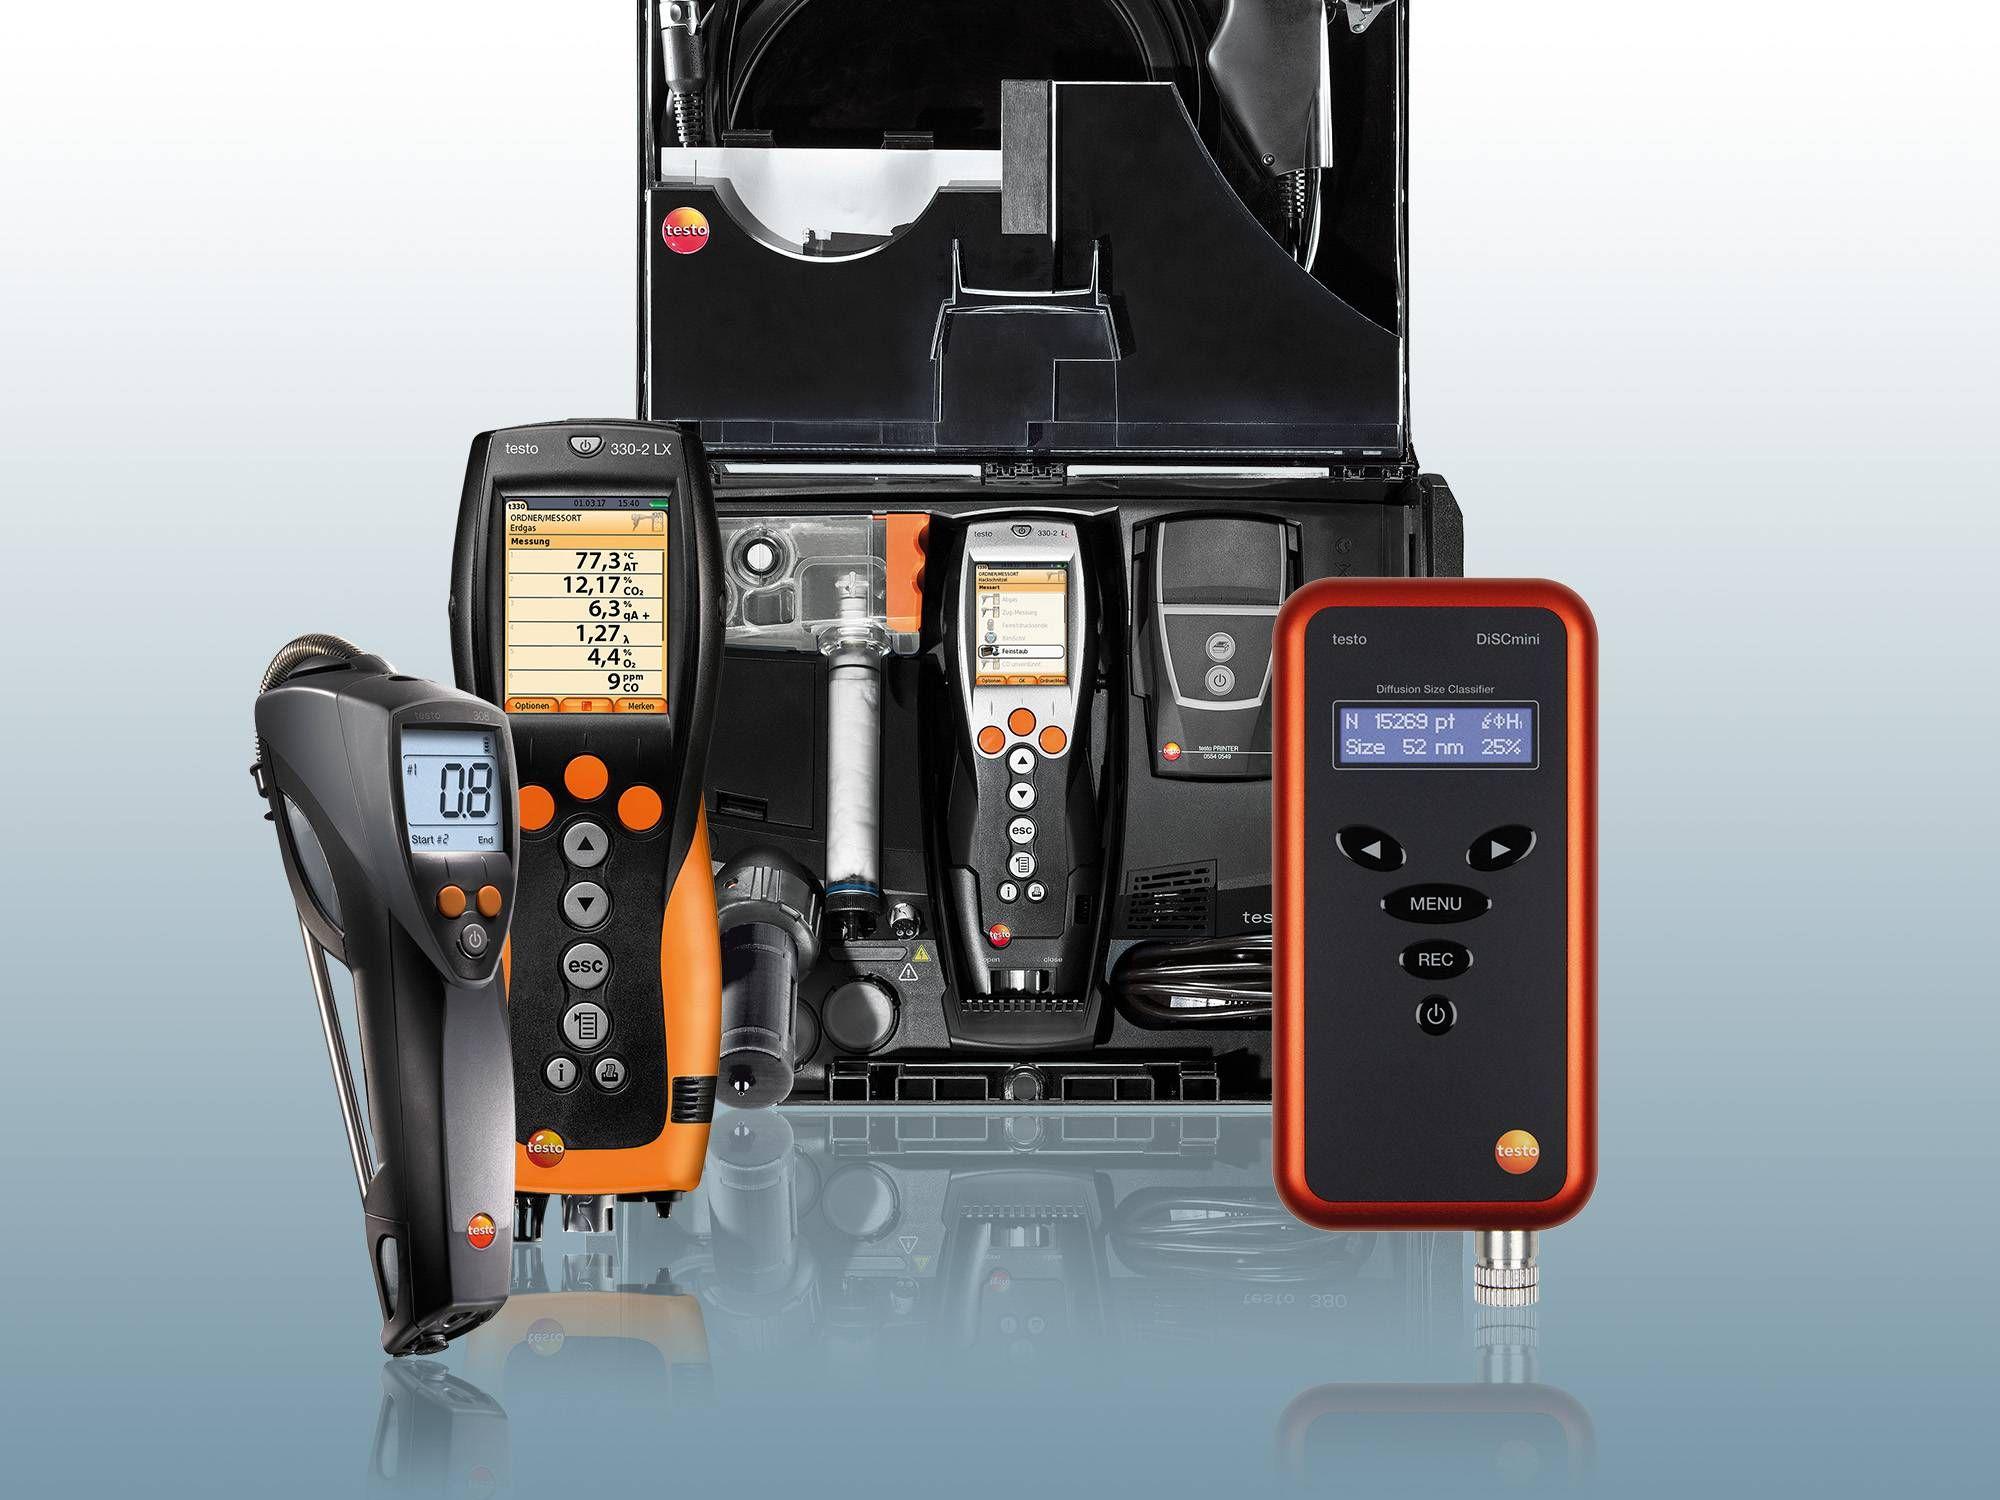 Feinstaubüberwachung – die verschiedenen Gerätevarianten